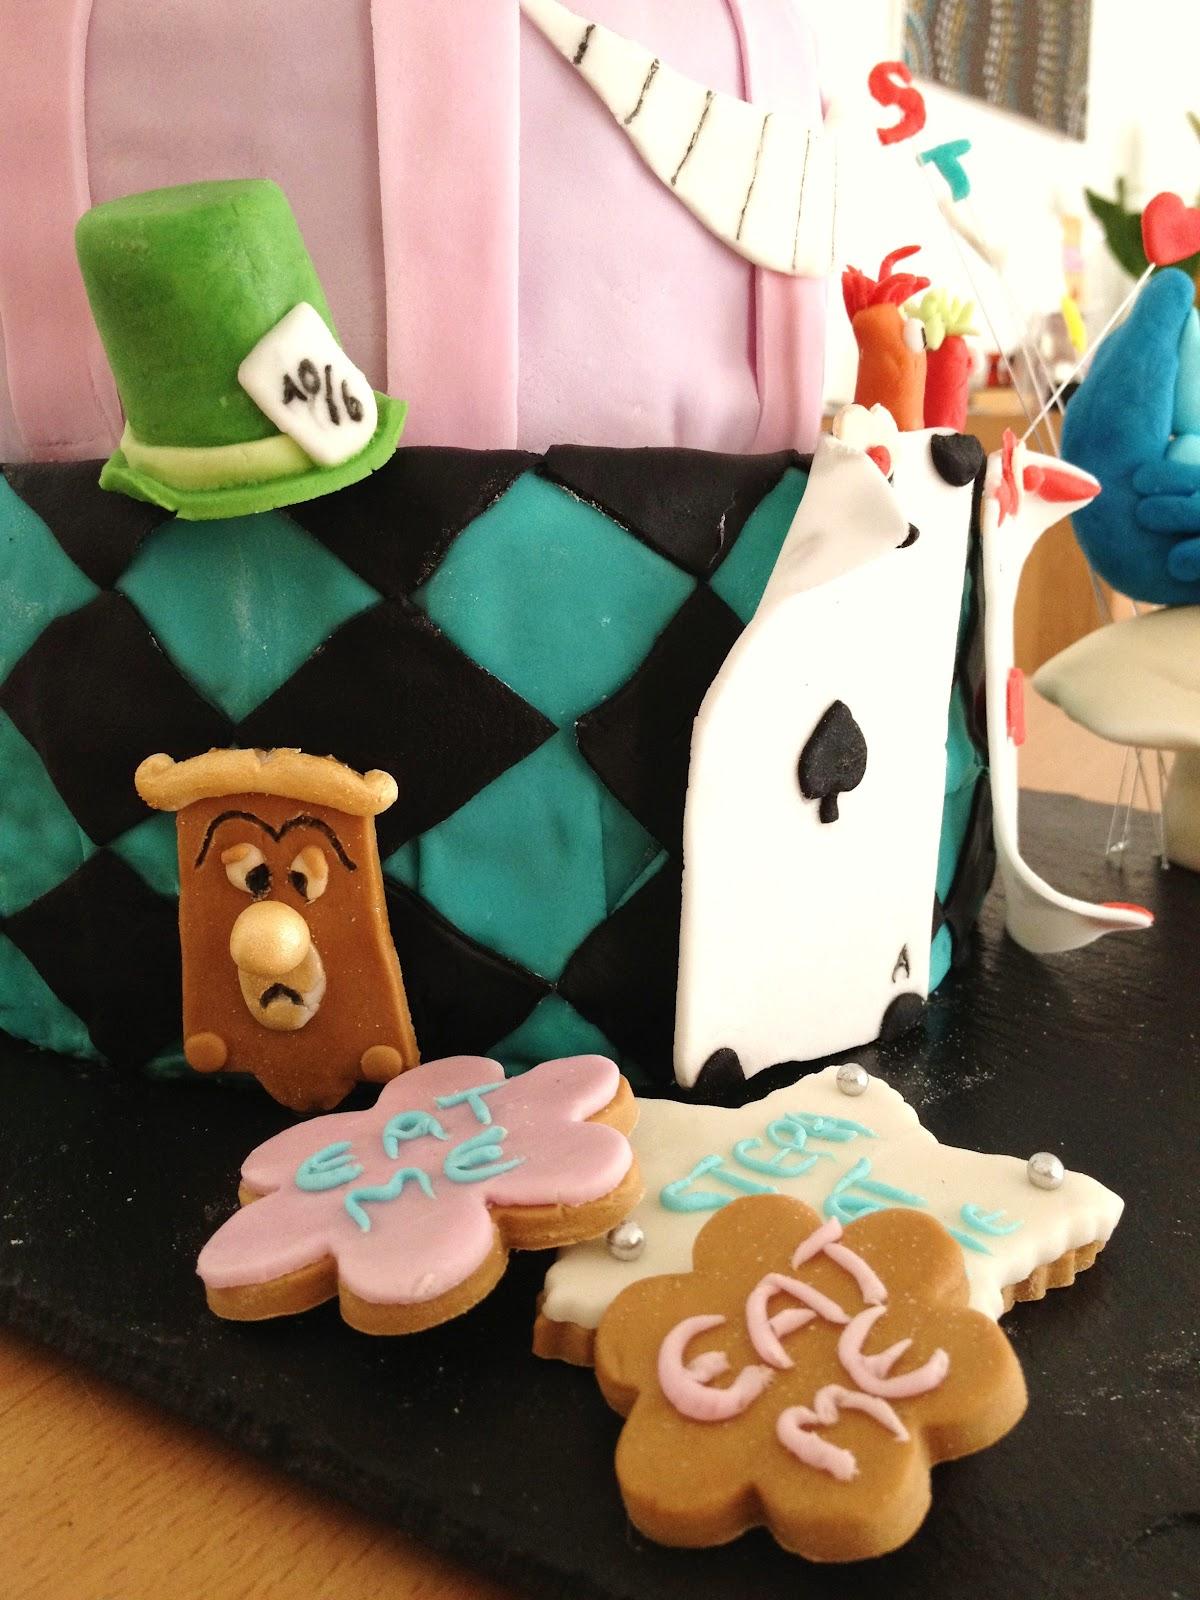 Gateau Alice Aux Pays Des Merveilles concernant fabtastic cakes: gâteau alice au pays des merveilles